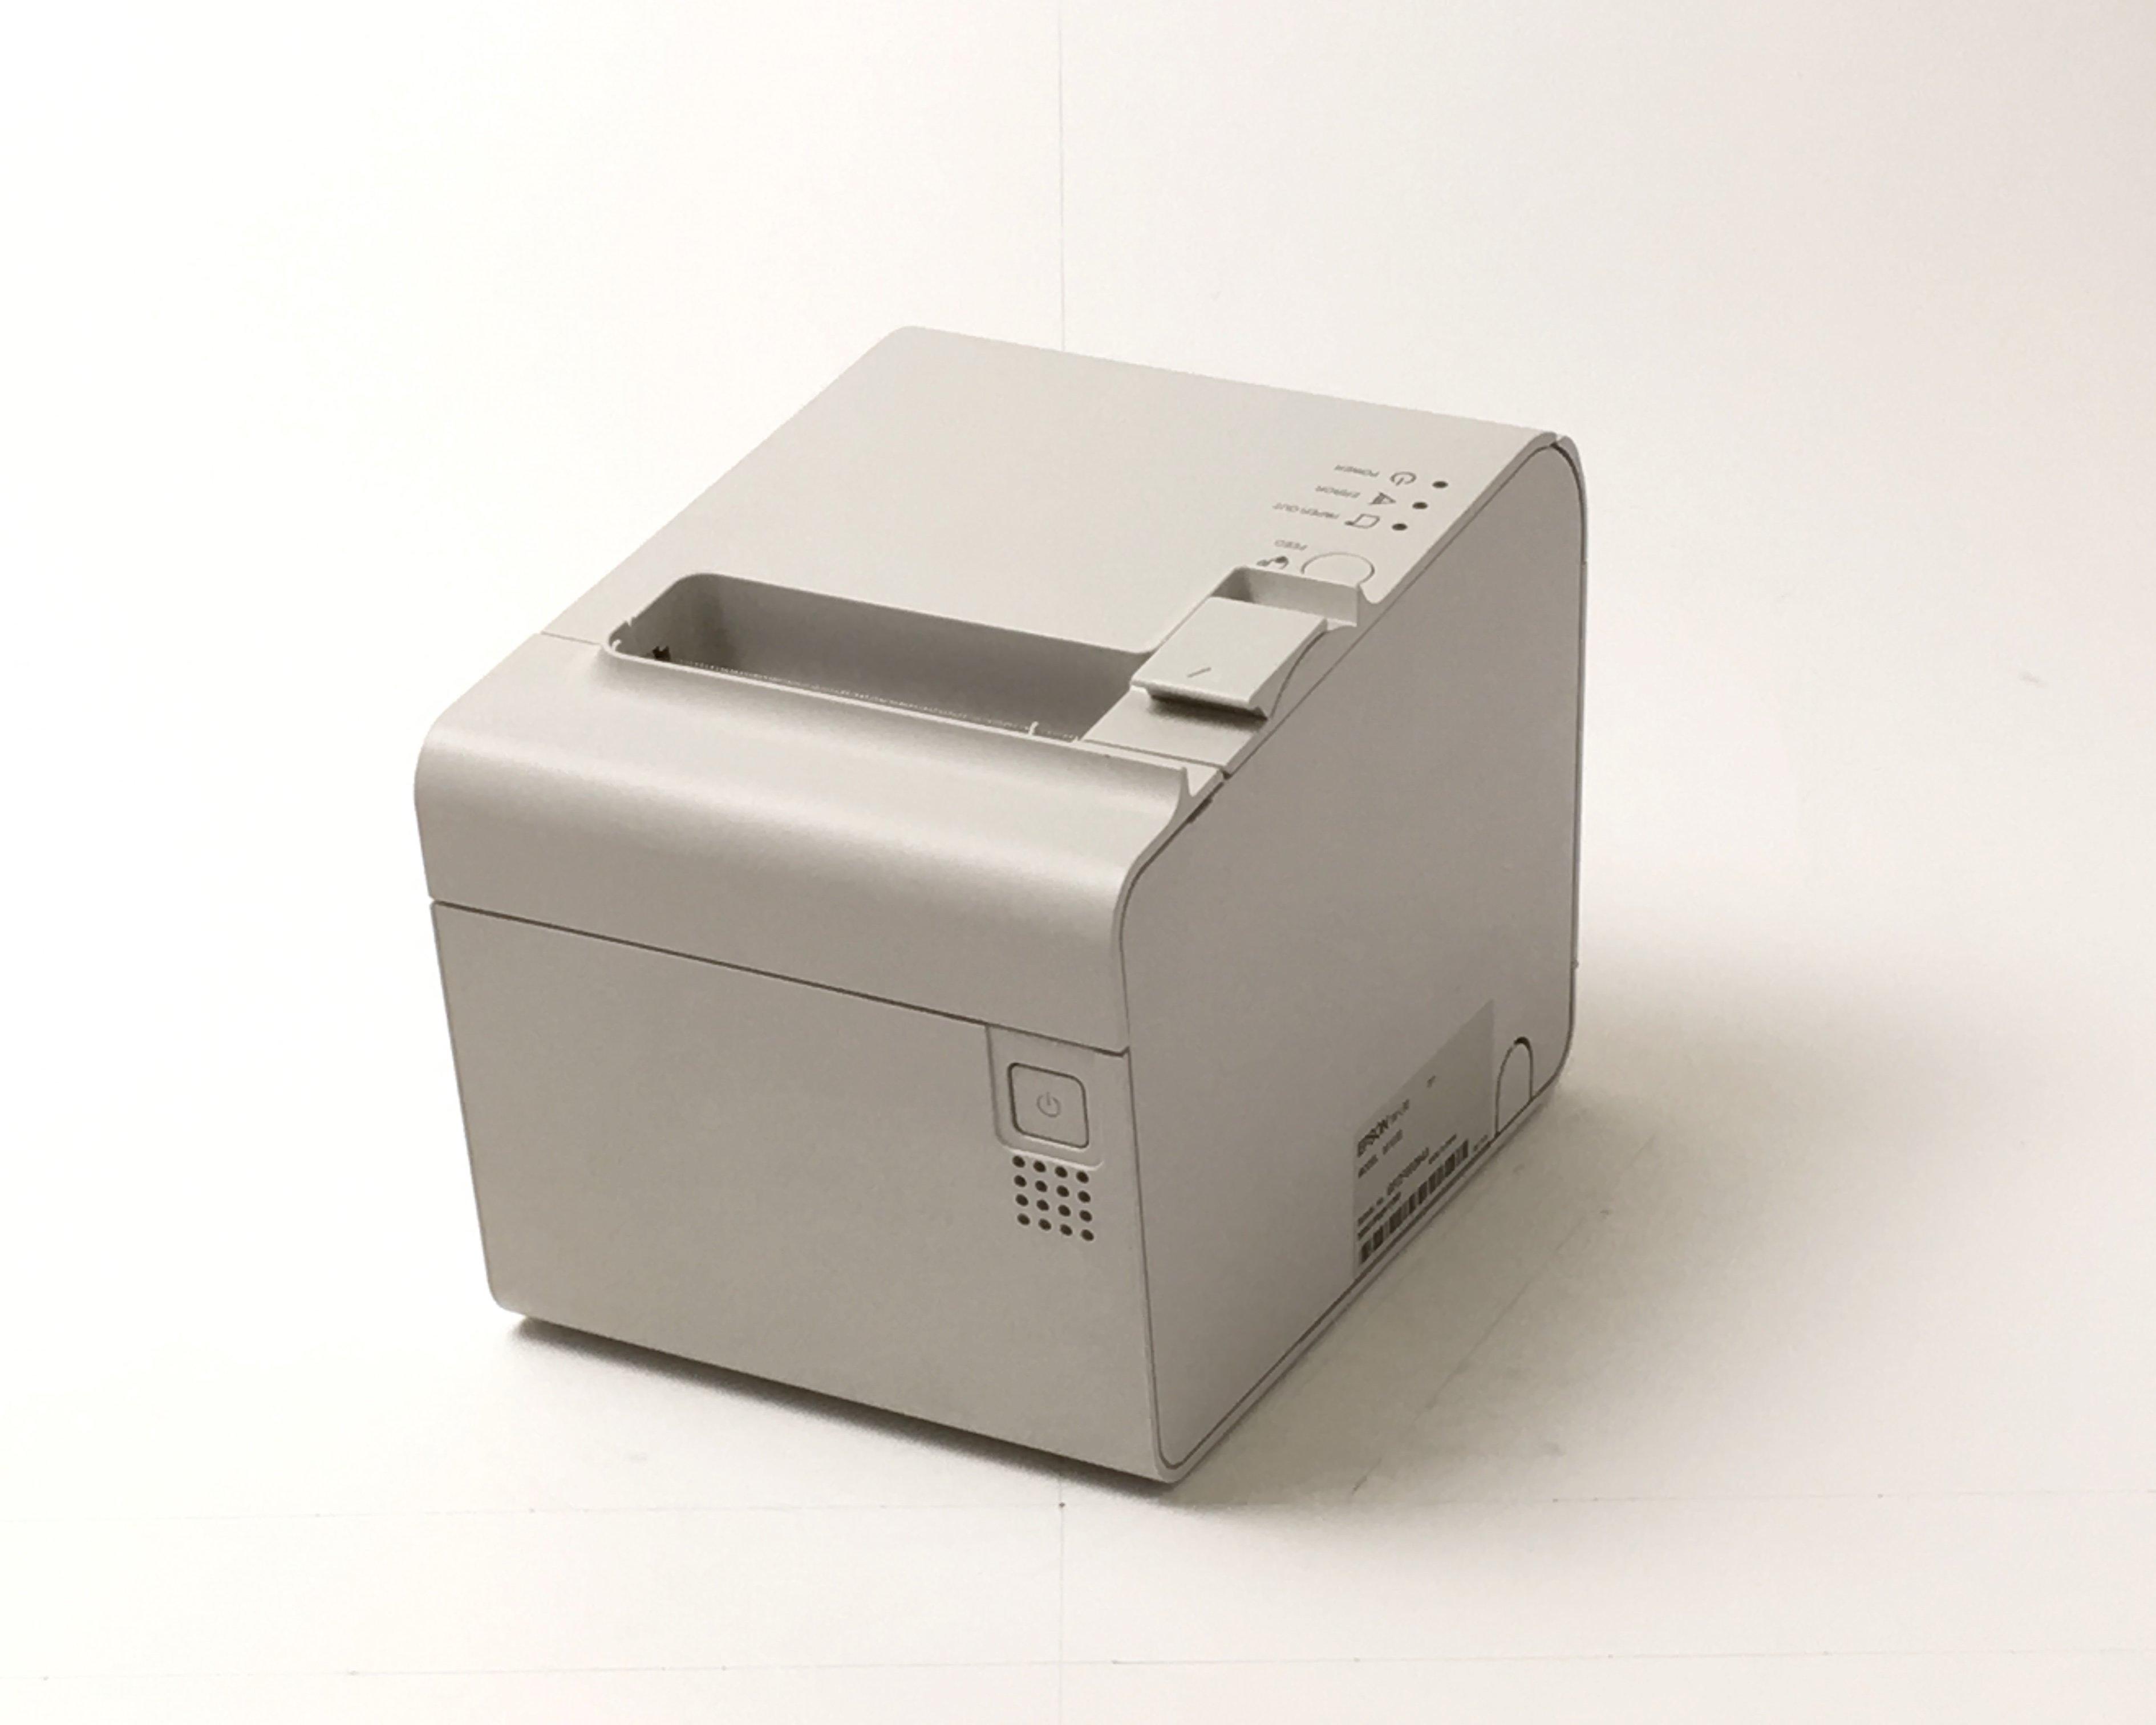 【優良中古】ラベルプリンタ EPSON TM-L90(LAN/80/58mm)ホワイト トップ画像